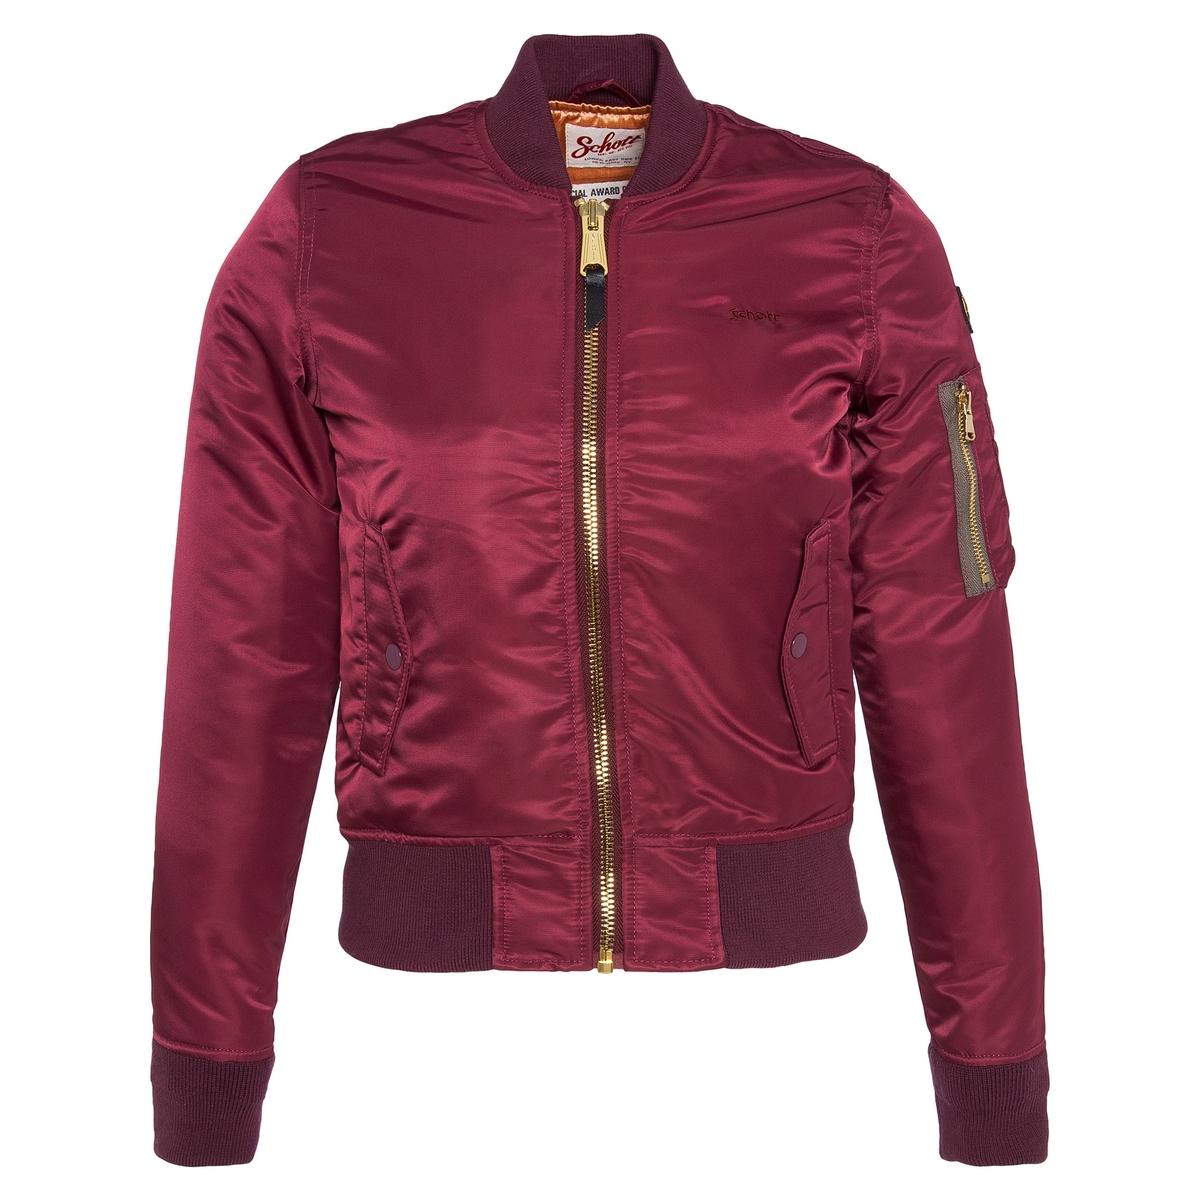 Куртка-бомбер сатиновыйСостав и характеристики:Материал : 100% полиамида НейлонаМарка : SCHOTTМодель : KTACWУход Машинная стирка при 30°<br><br>Цвет: бирюзовый,бордовый,небесно-голубой,розовый,светло-бежевый,темно-синий<br>Размер: M.M.L.XL